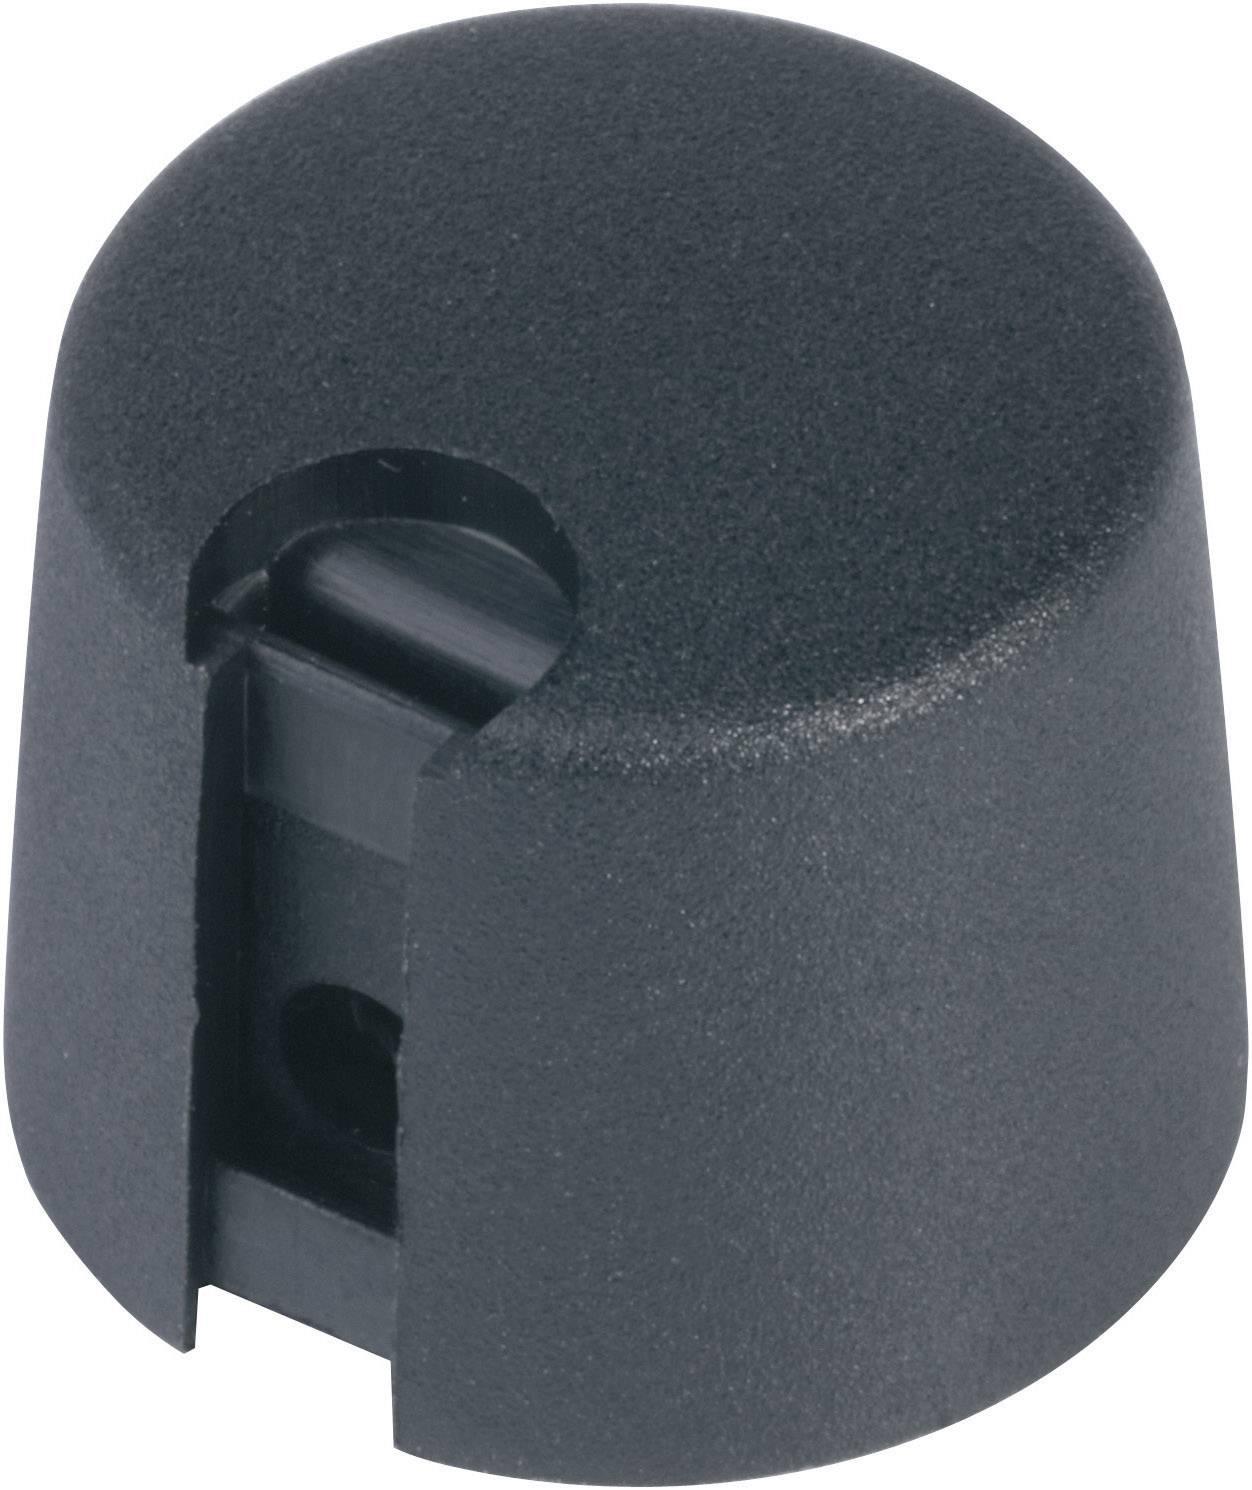 Ovládací knoflík OKW, Ø 24 mm x V 16 mm, 6 mm, černá